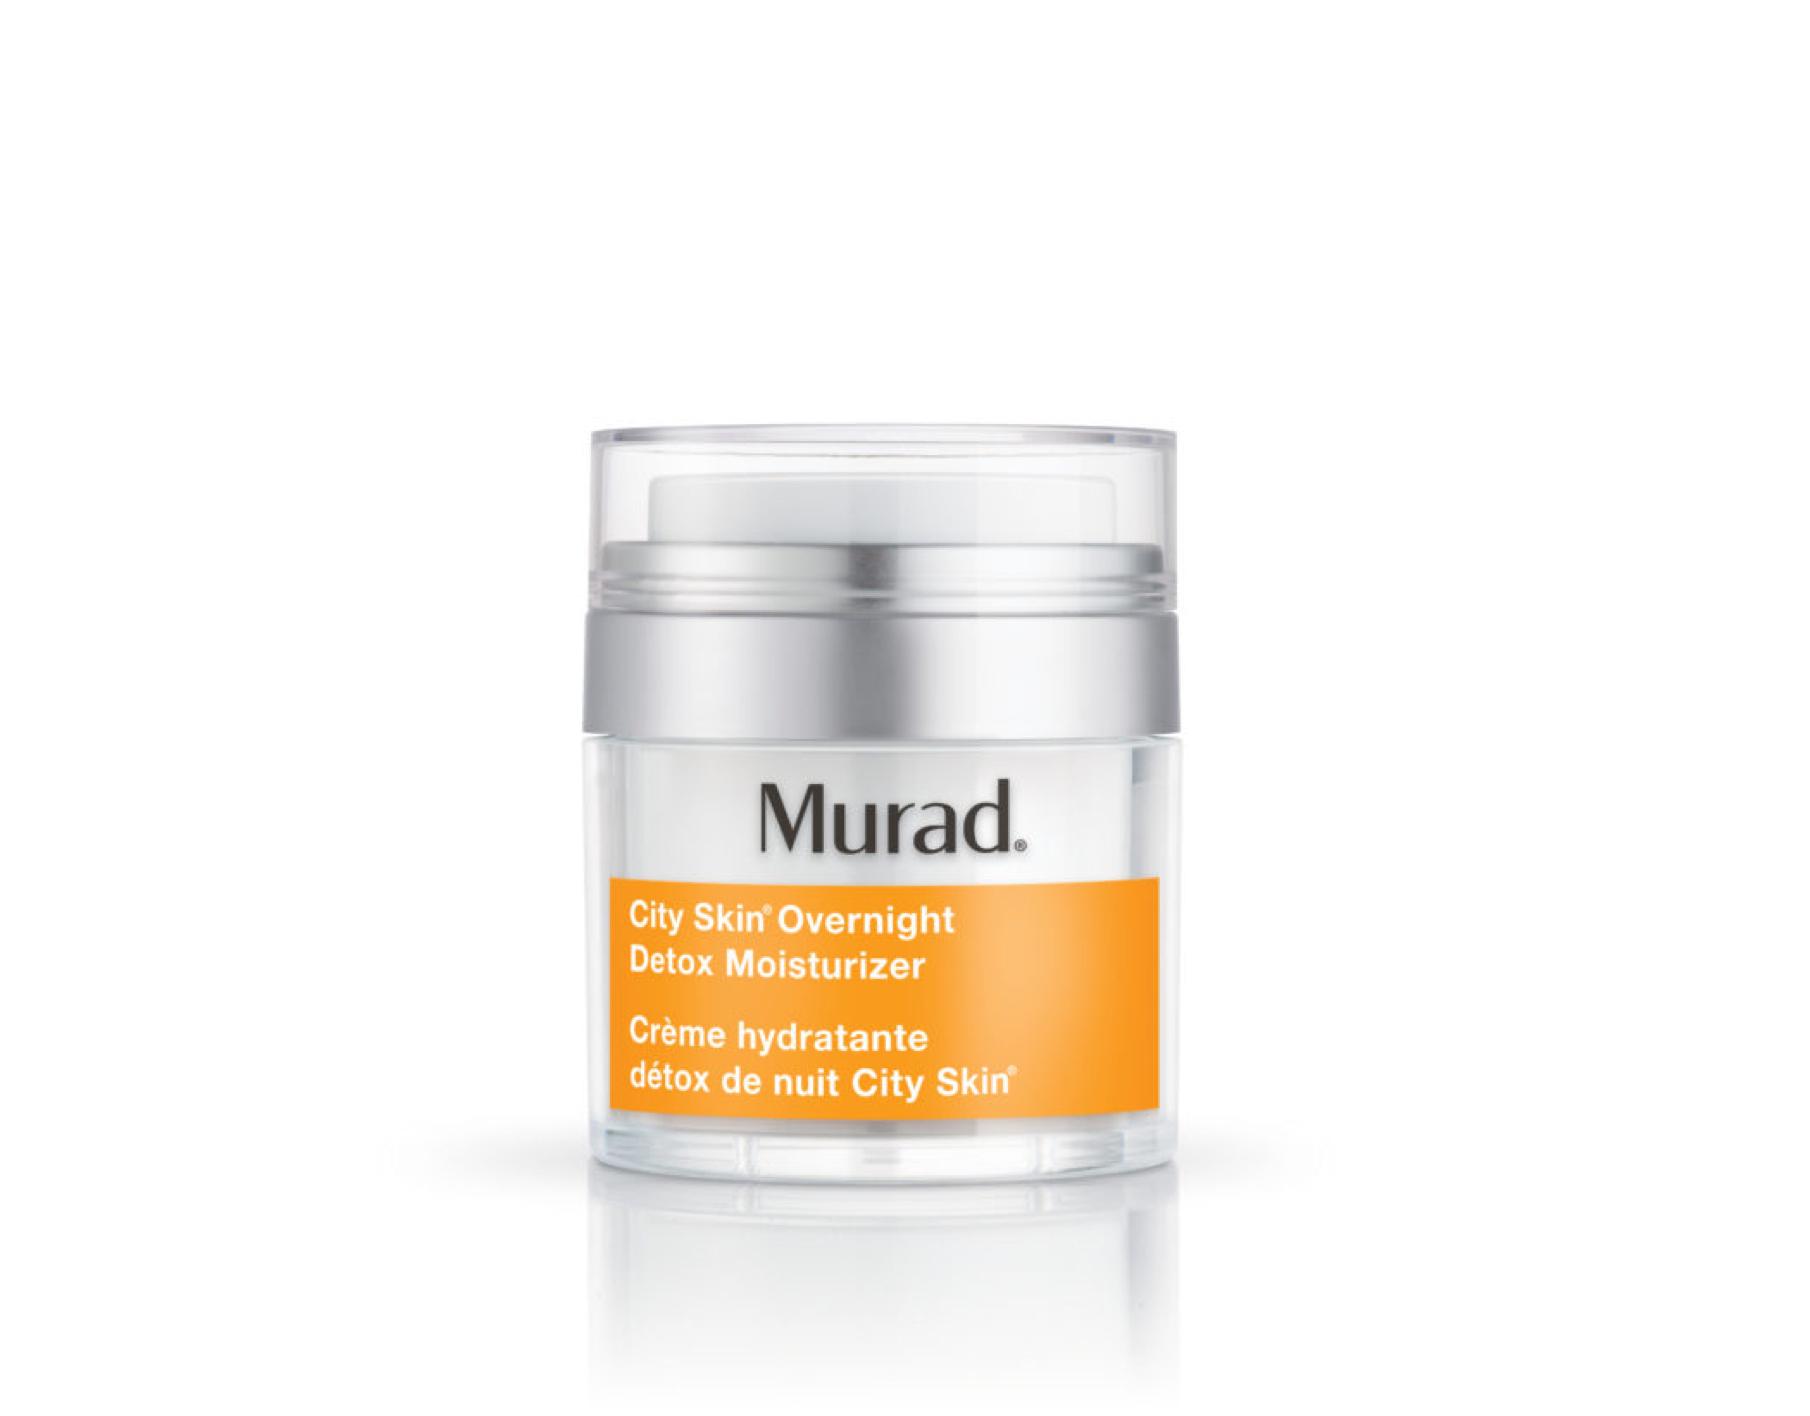 City Skin Overnight Detox Moisturiser (50ml)